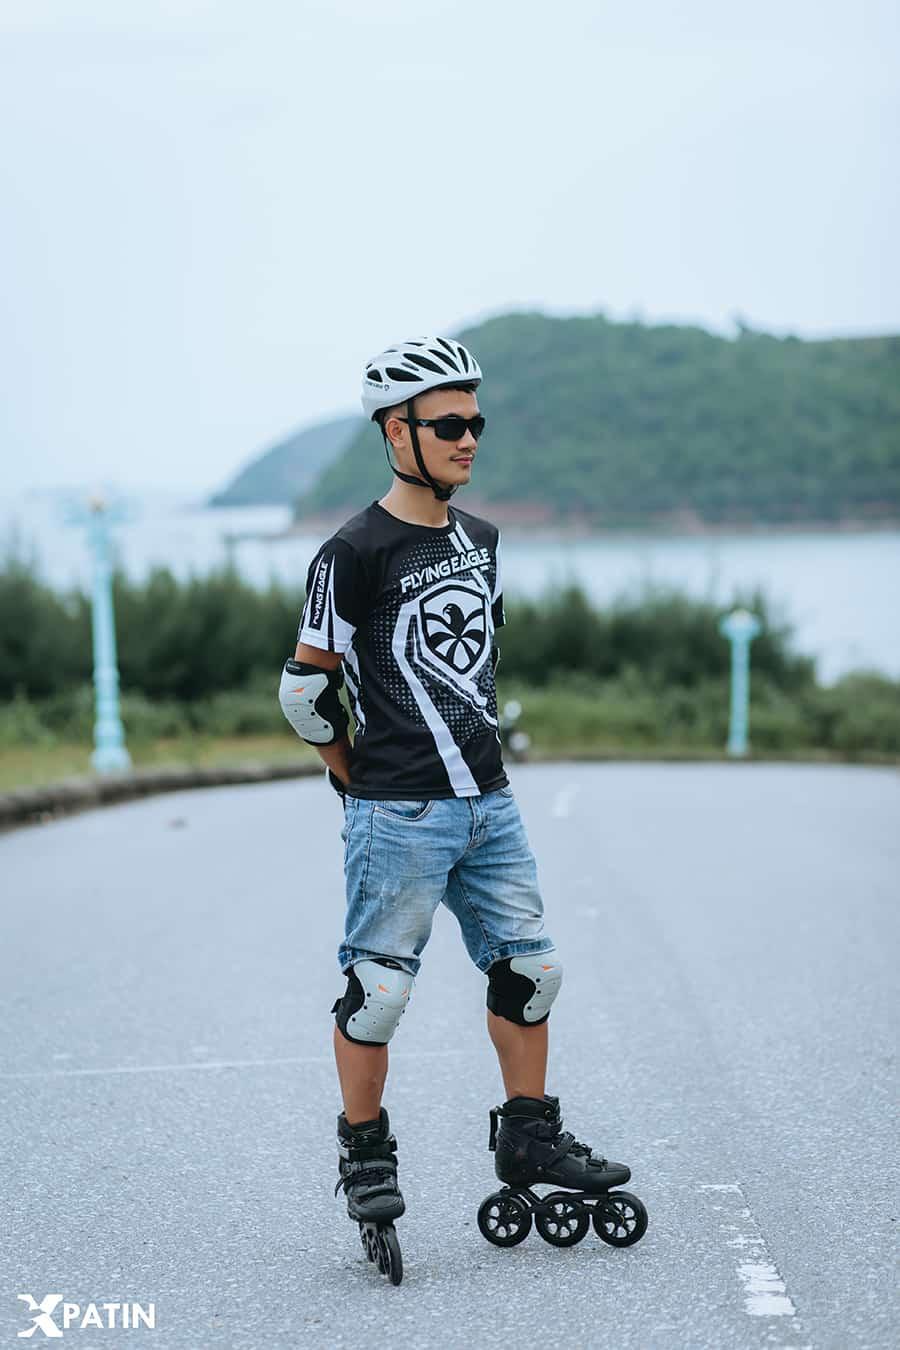 Trượt Patin chinh phục dốc tại khu du lịch Bãi Lữ Nghệ An ảnh 6